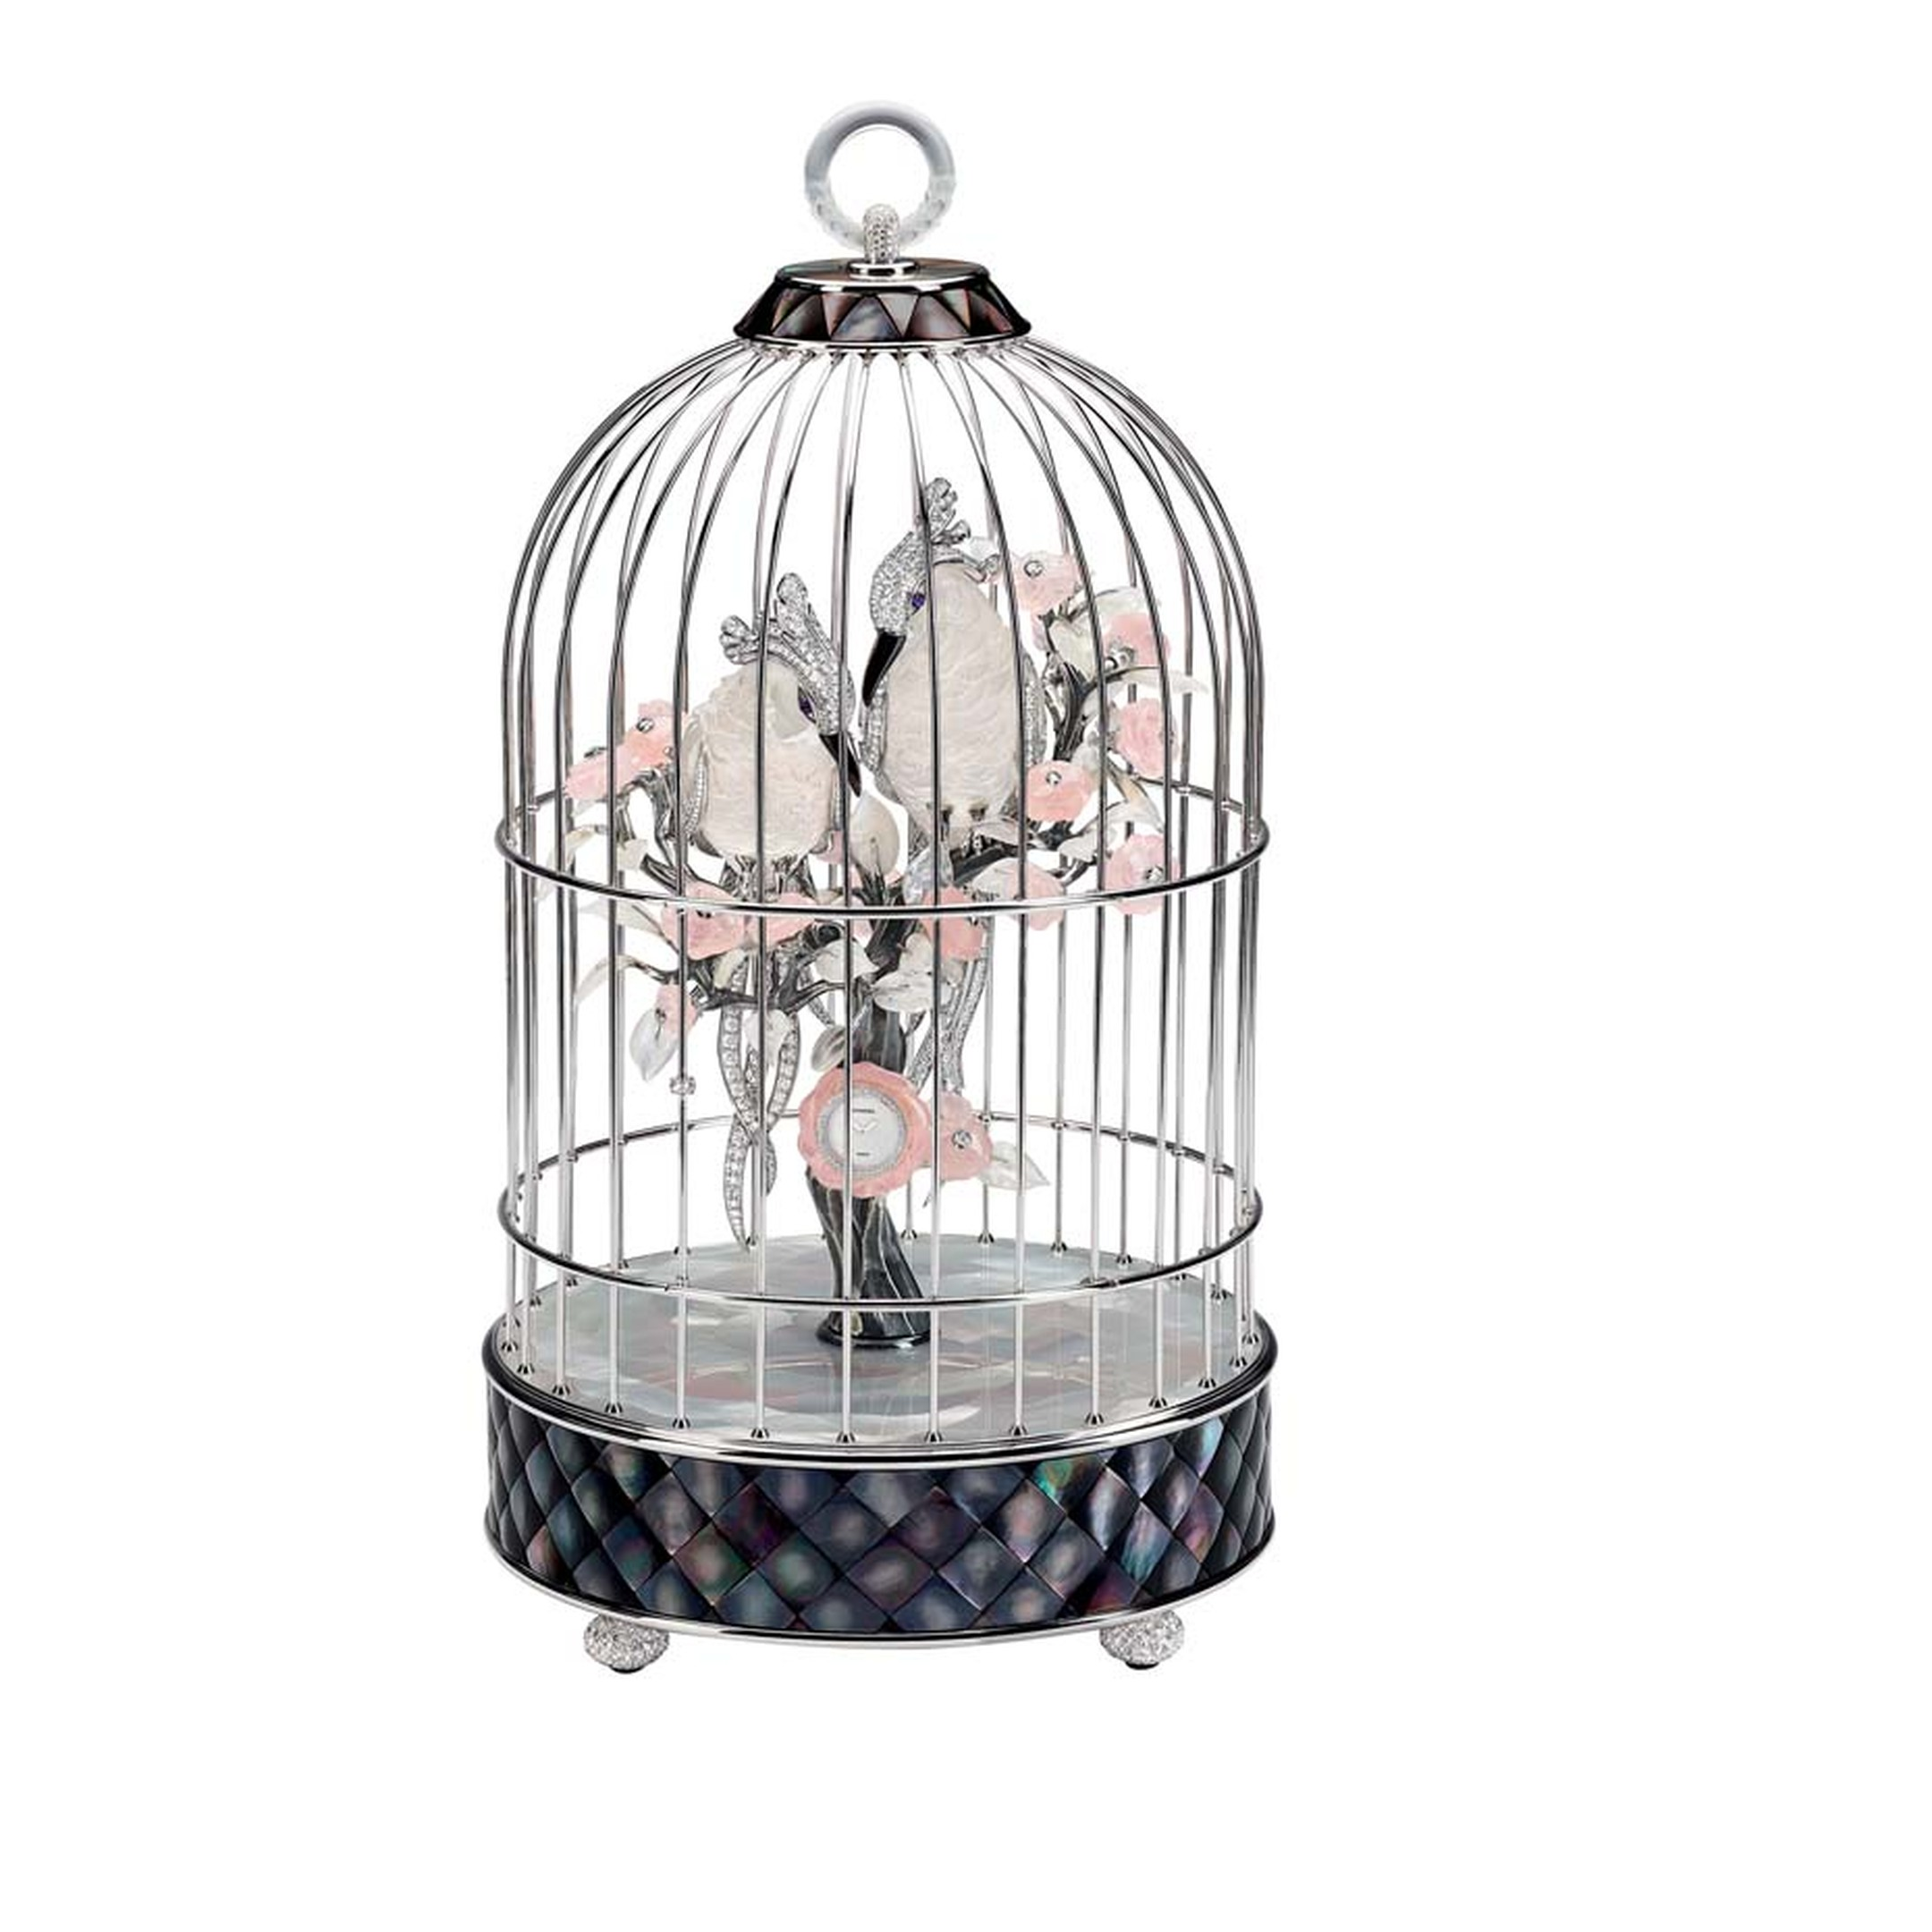 Chanel Birdcage Clock